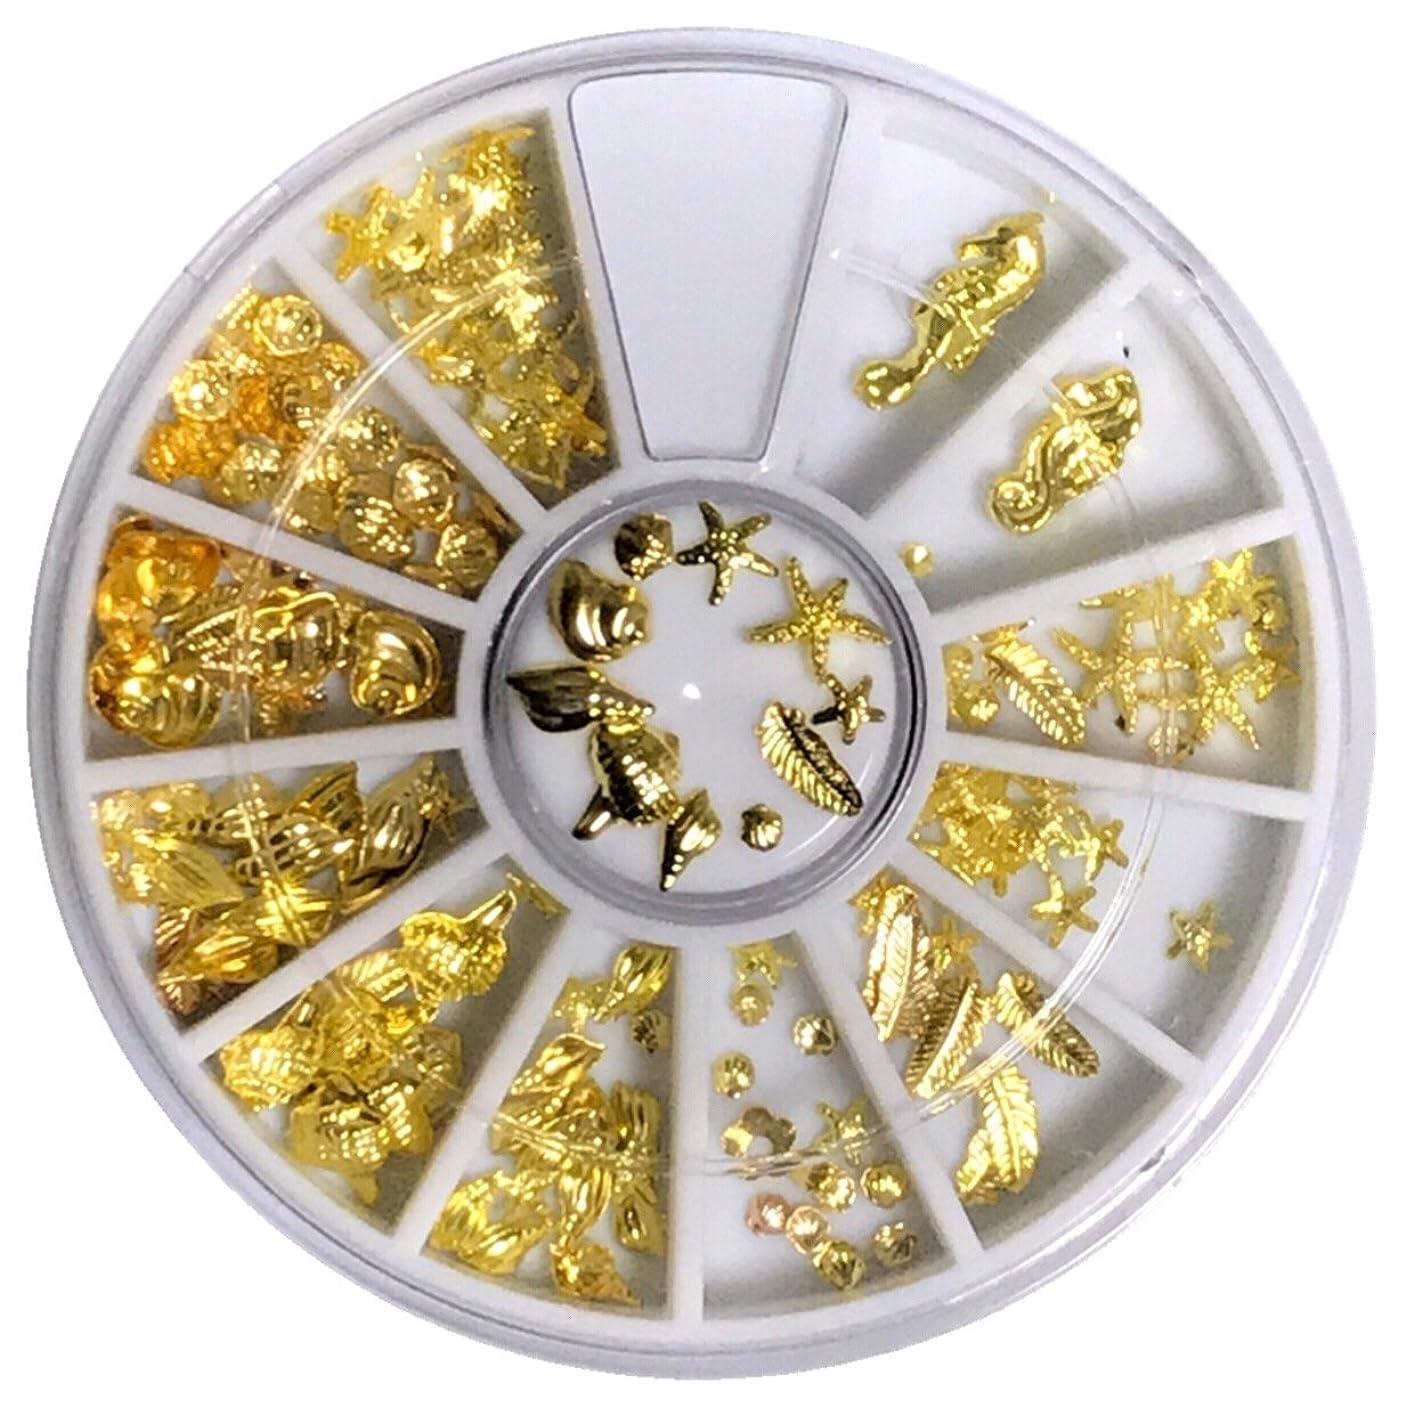 ビルダーバラバラにするいろいろネイルパーツ シェルパーツ 海系12種 大量セット (ゴールド)